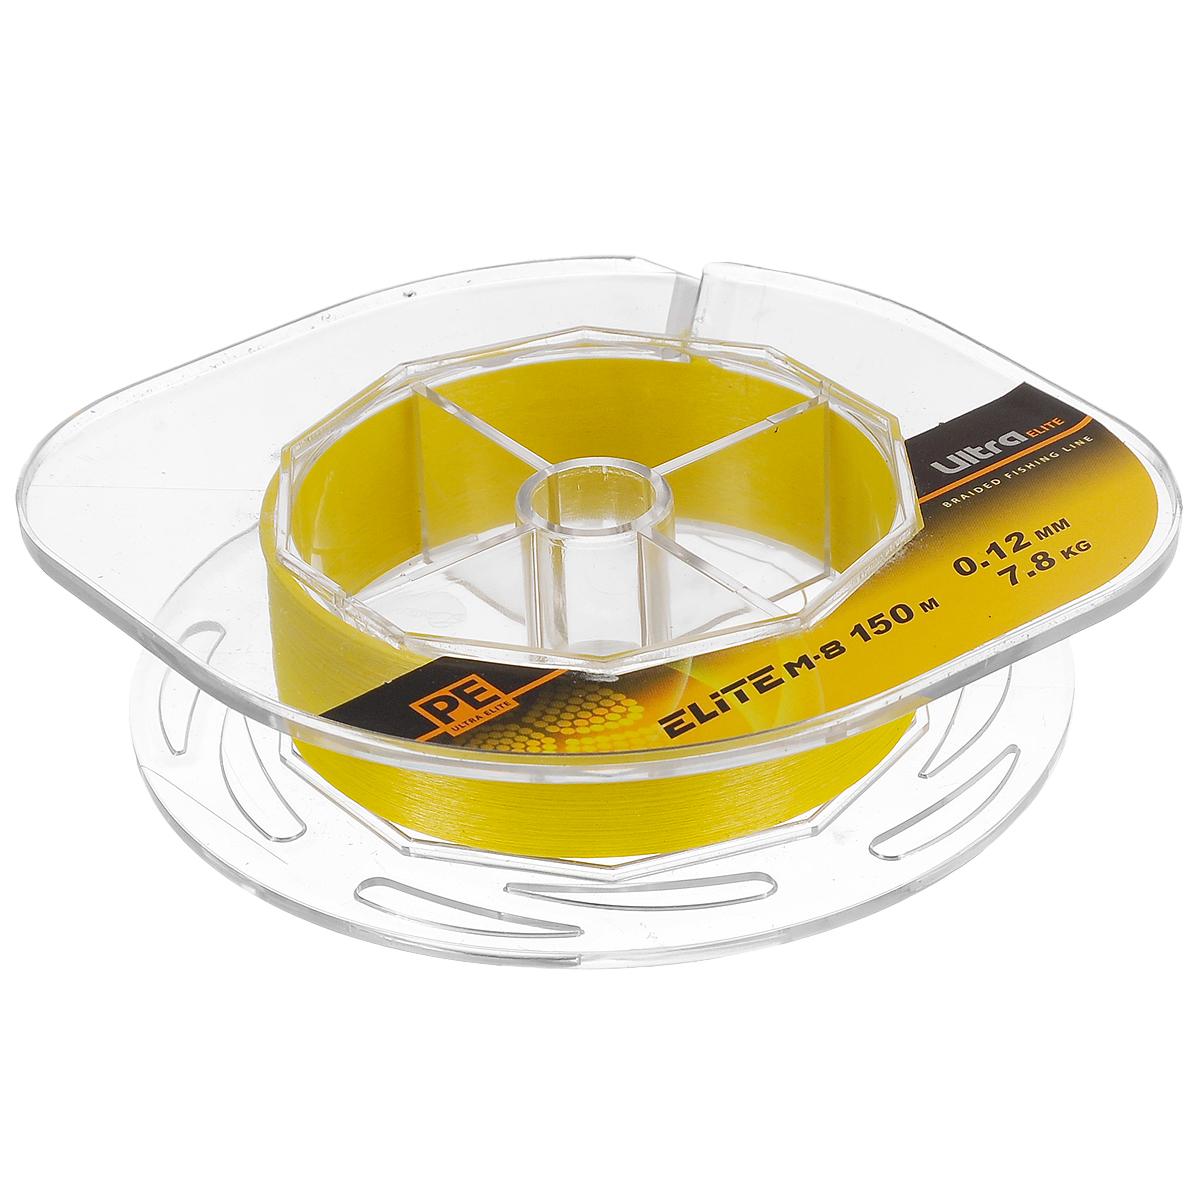 Шнур плетеный Aqua PE Ultra Elite M-8, цвет: желтый, сечение 0,12 мм, длина 150 м10-21-12-YПлетеный шнур Aqua PE Ultra Elite M-8 для спортивной рыбалки изготовлен из 100% материала UHMW PE (ультра-высокомолекулярный пространственно-ориентированный полиэтилен). Идеально круглый шнур из восьми нитей отлично подойдет для самых требовательных рыболовов, не готовых идти ни на какие компромиссы в вопросах выбора снастей. Primary Fiber - первичное волокно диаметром 0,85 микрона. Особенности шнура: Basic Stand - основная нить, состоящая из 30-160 первичных волокон. Braided Line - плетеный шнур, состоящий из 8 основных нитей. Deep Soldering Sea - запатентованная система пропитки и покраски с дополнительной защитой для морской воды. AACP (Anti-Abrasive Coated Protection) - финишное покрытие, защищающее шнур от любого нежелательного механического воздействия. Для привязывания приманки рекомендуется узел Palomar.